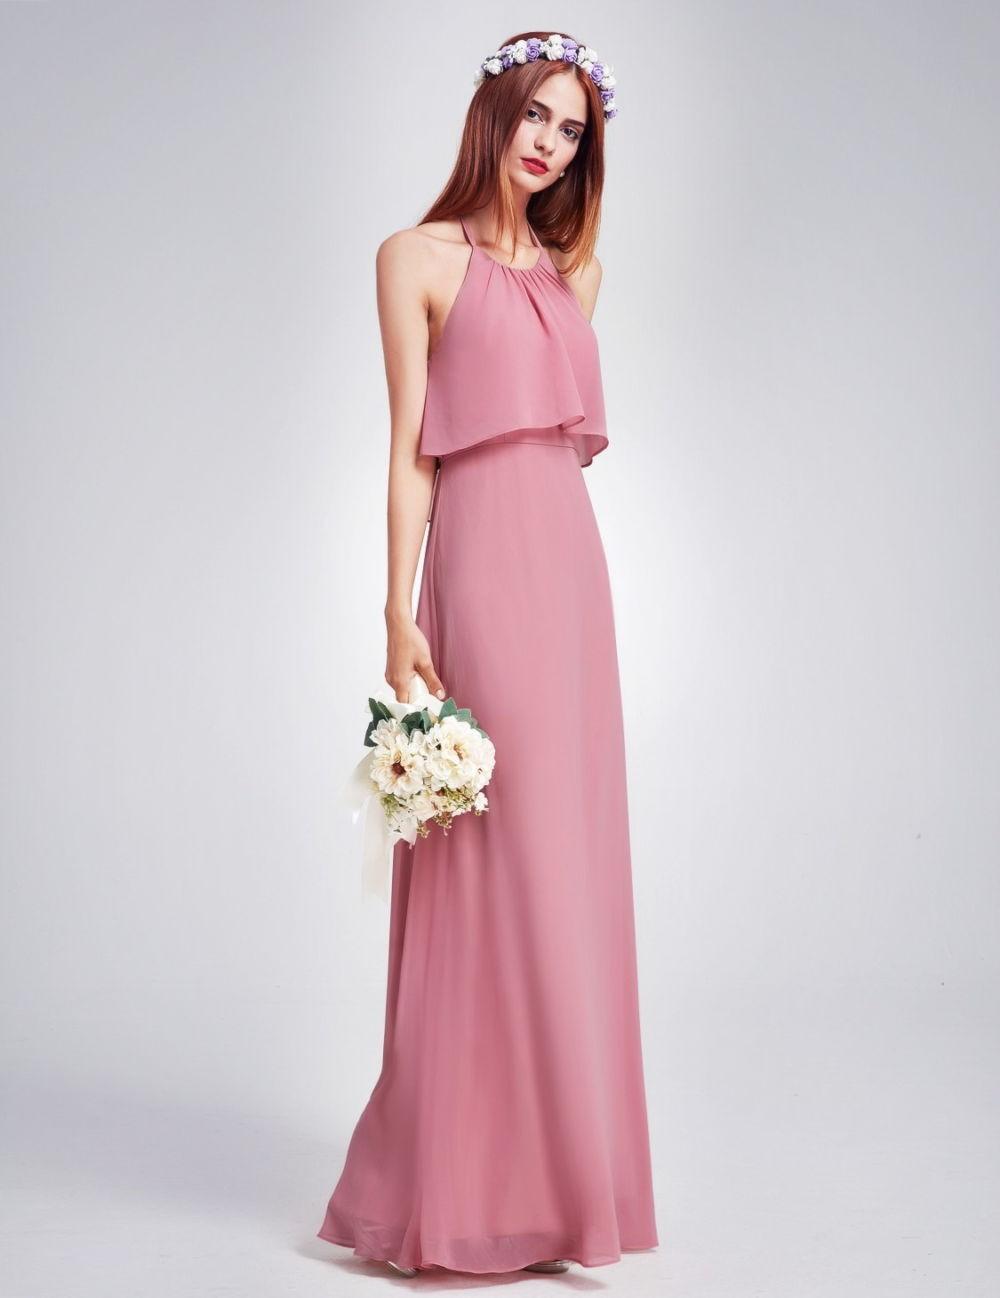 нежно-розовое платье вечернее 2018 открытые плечи модные тенденции тренды фото новинки